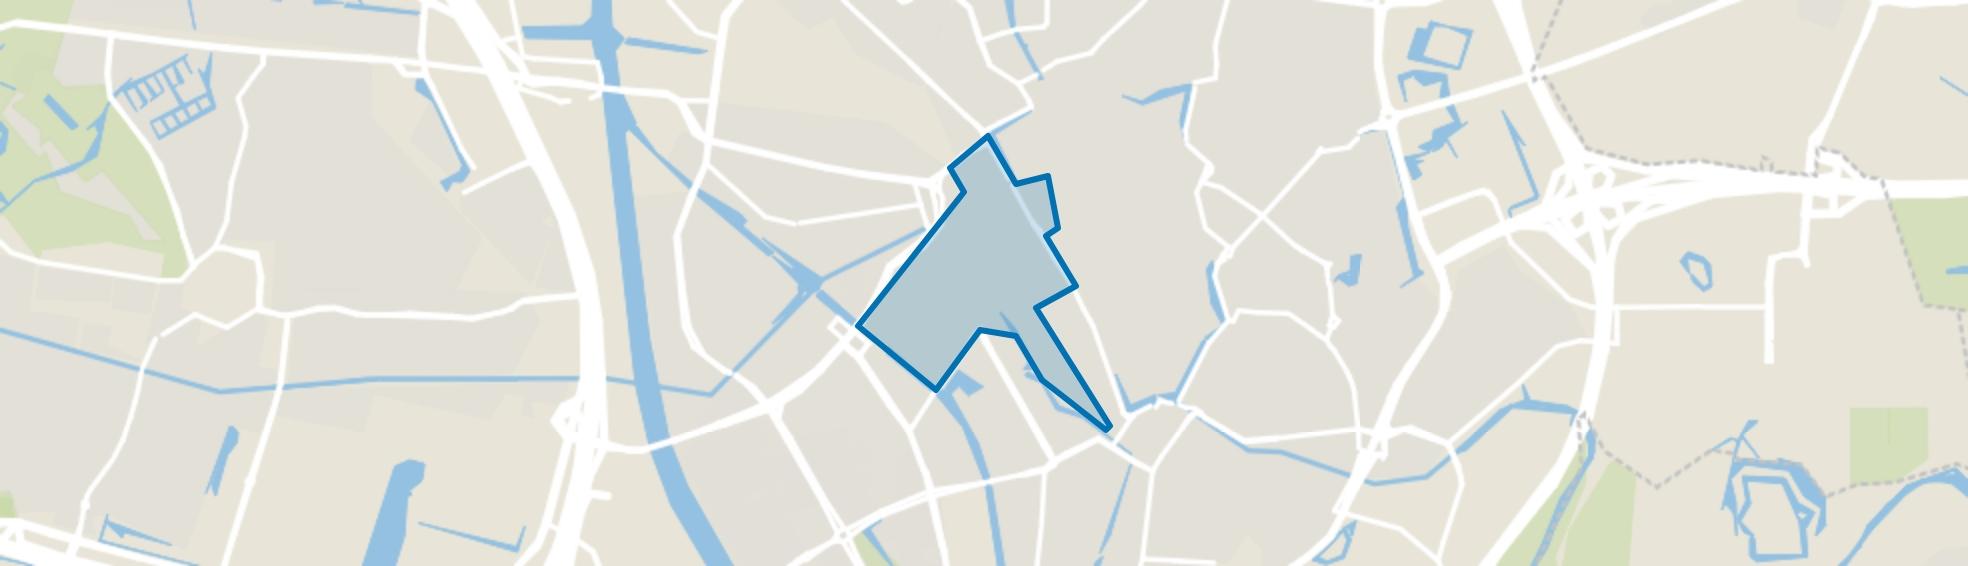 Hoog-Catharijne NS en Jaarbeurs, Utrecht map